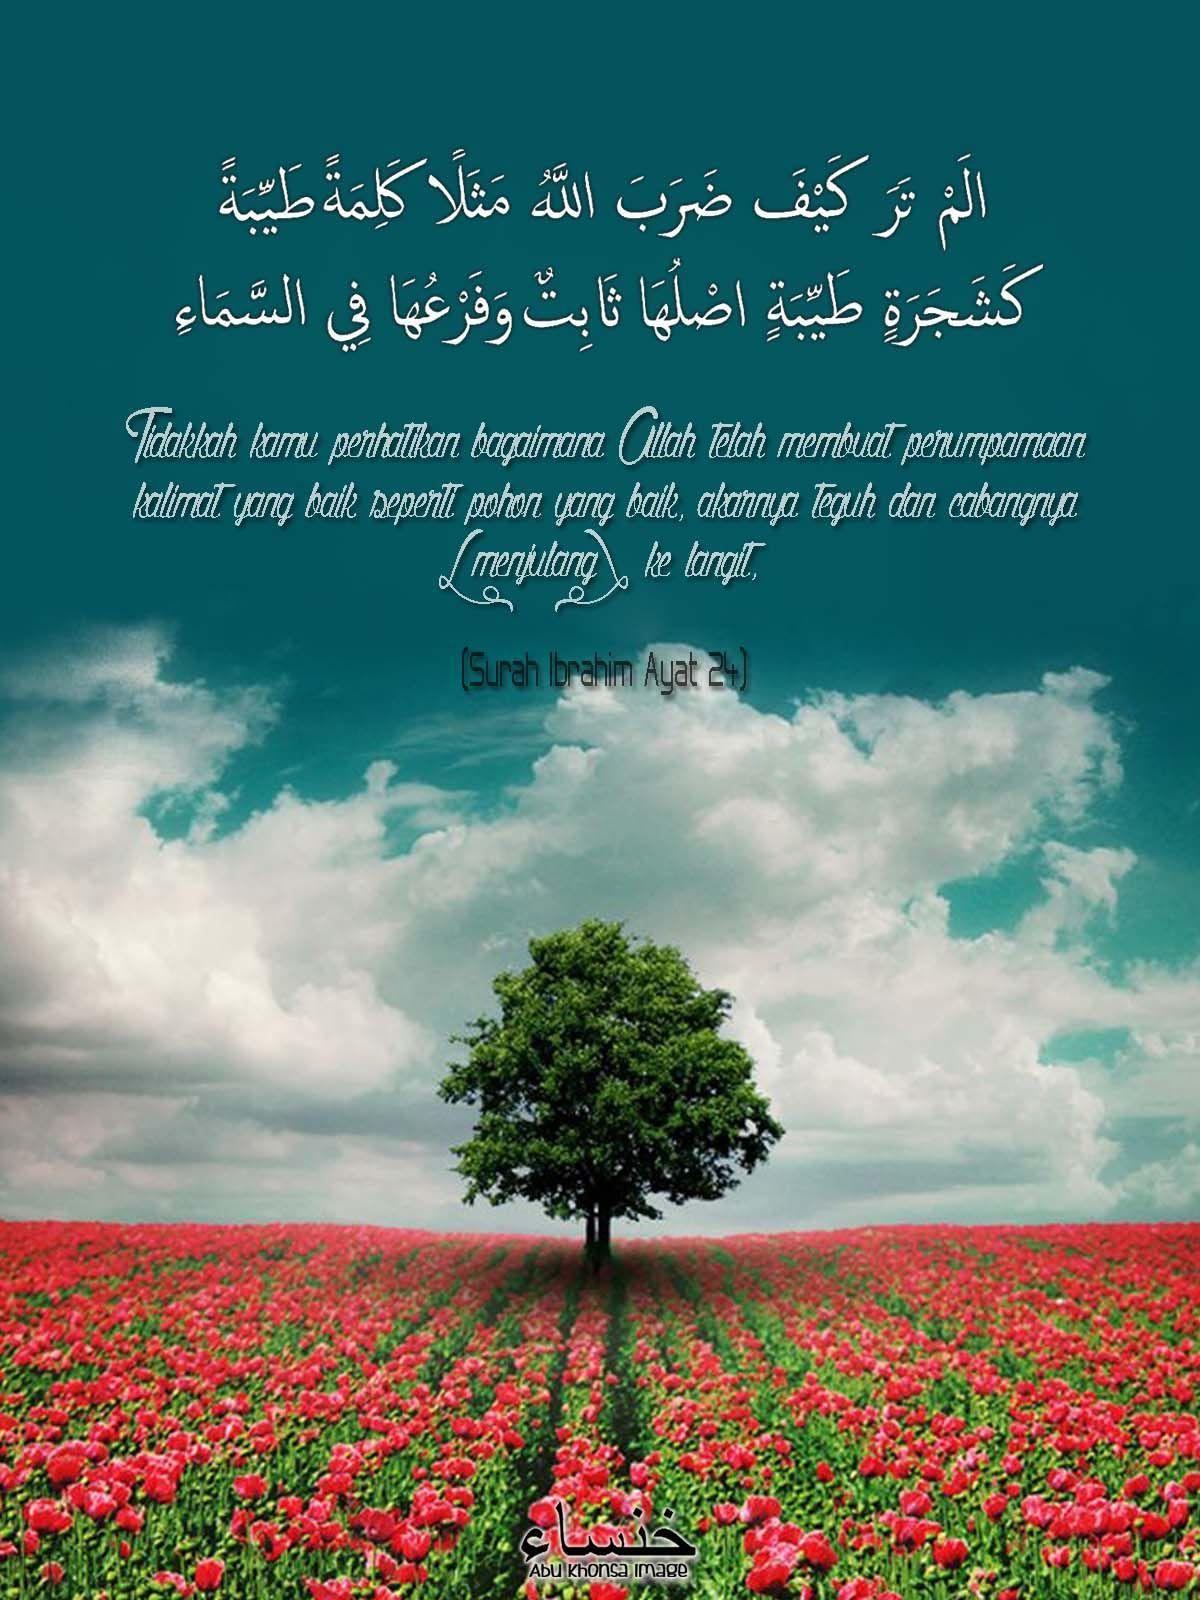 Surah Ibrahim Ayat 24 | Ayat, Langit